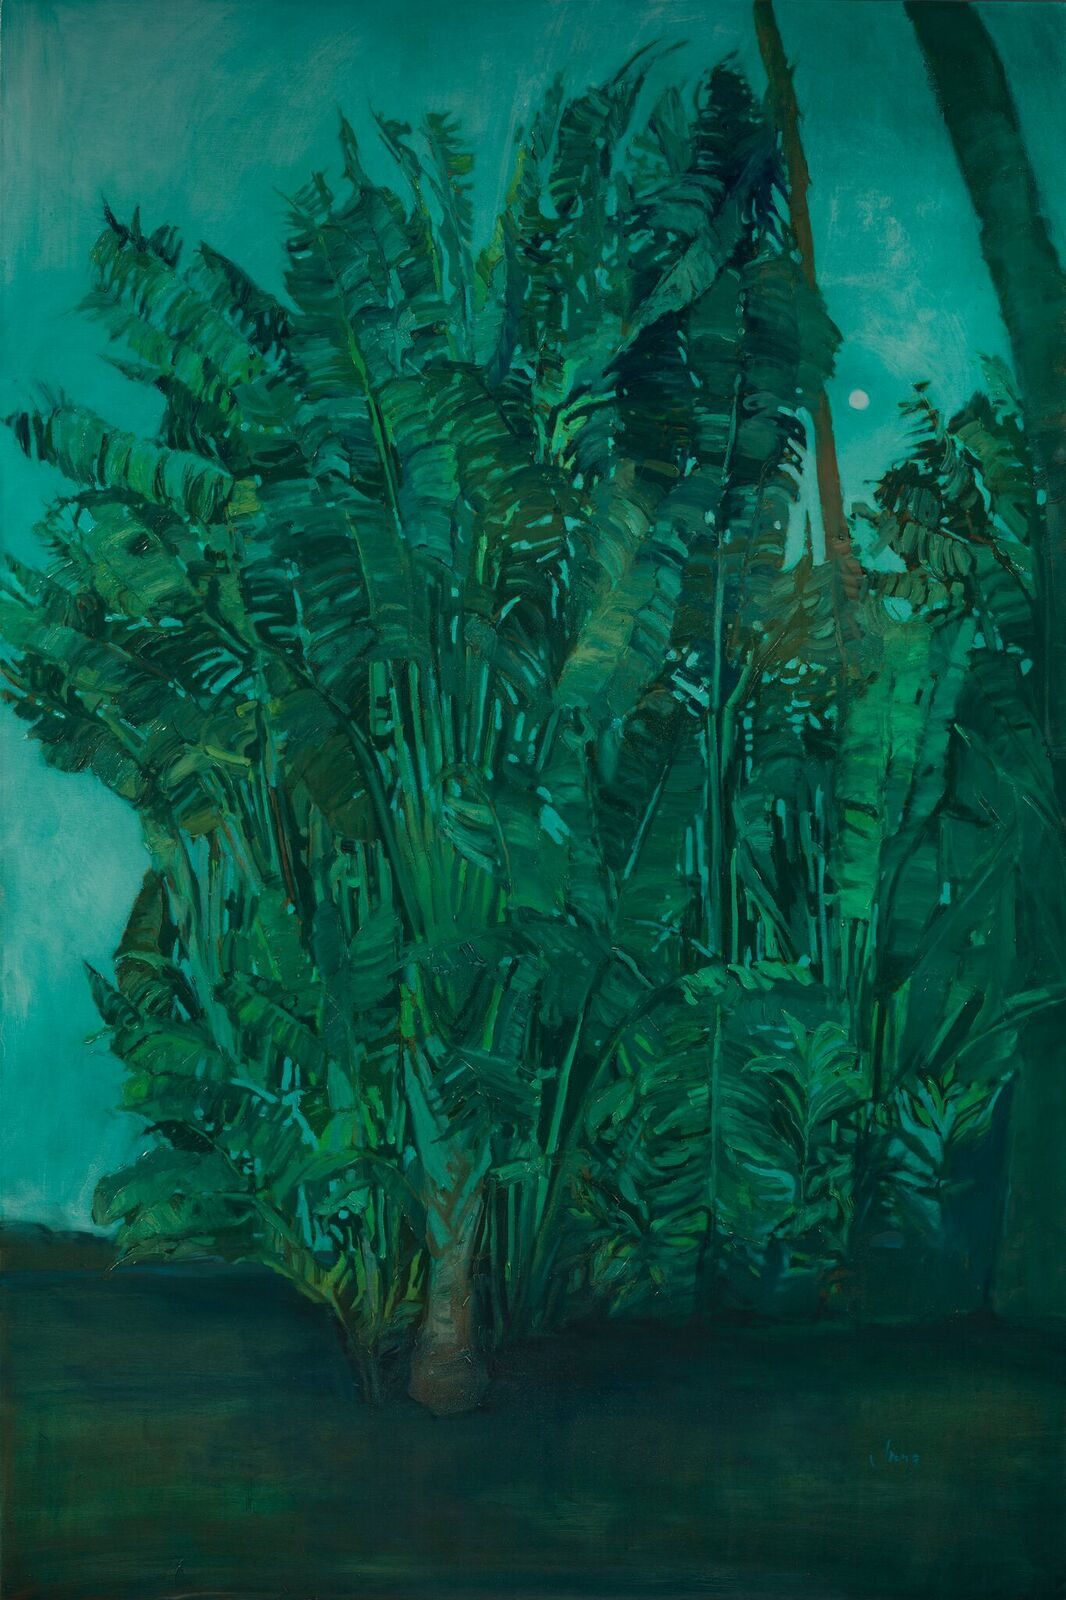 Nocturne in Green ~ Kihei, HI